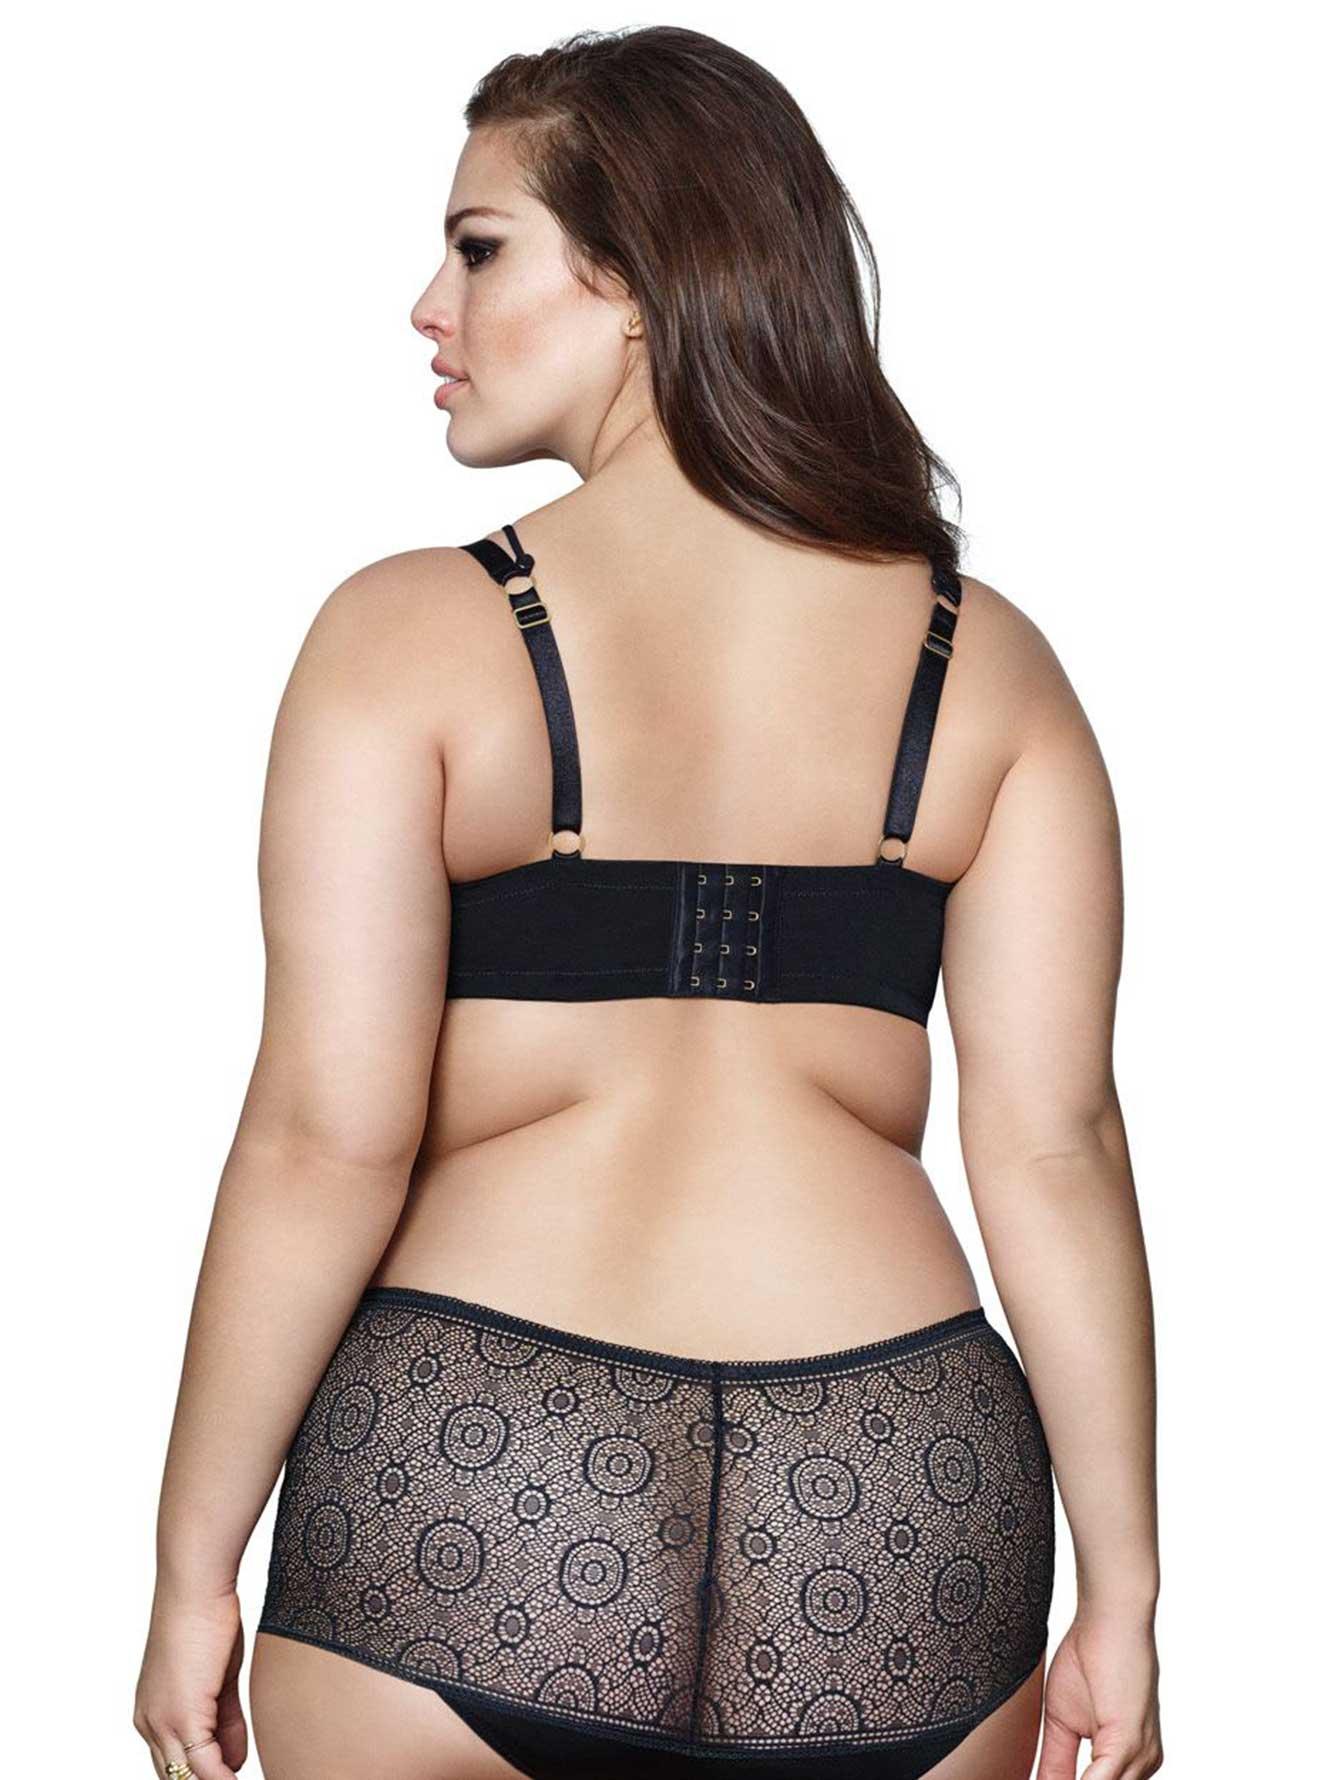 6ac7d45a1ce Ashley Graham - Lace Boy Short Panty | Addition Elle